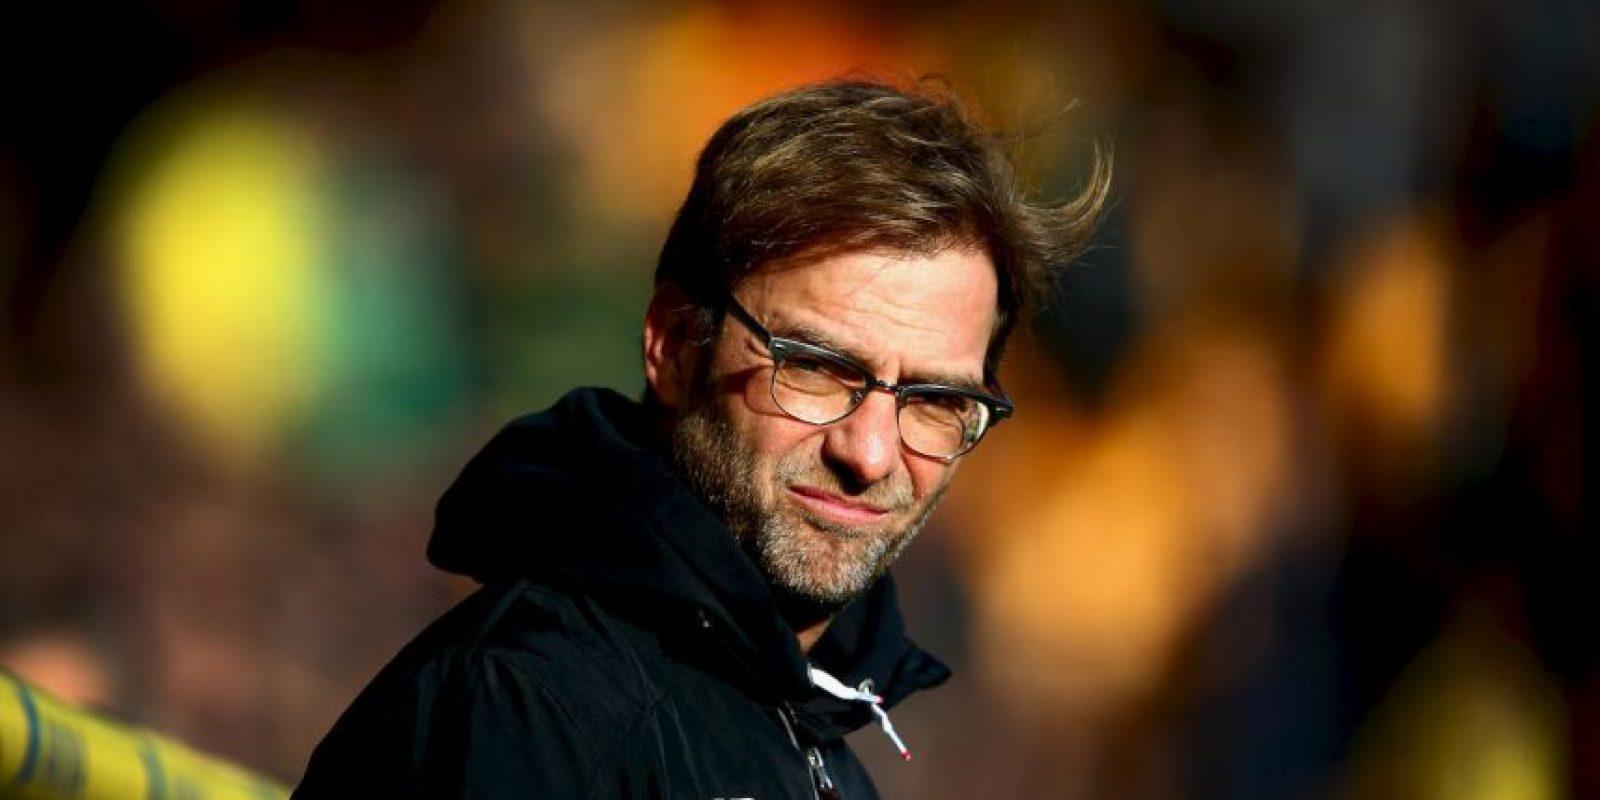 Al frente del Liverpool, el DT alemán recibe 13.9 millones de euros anuales. Foto:Getty Images